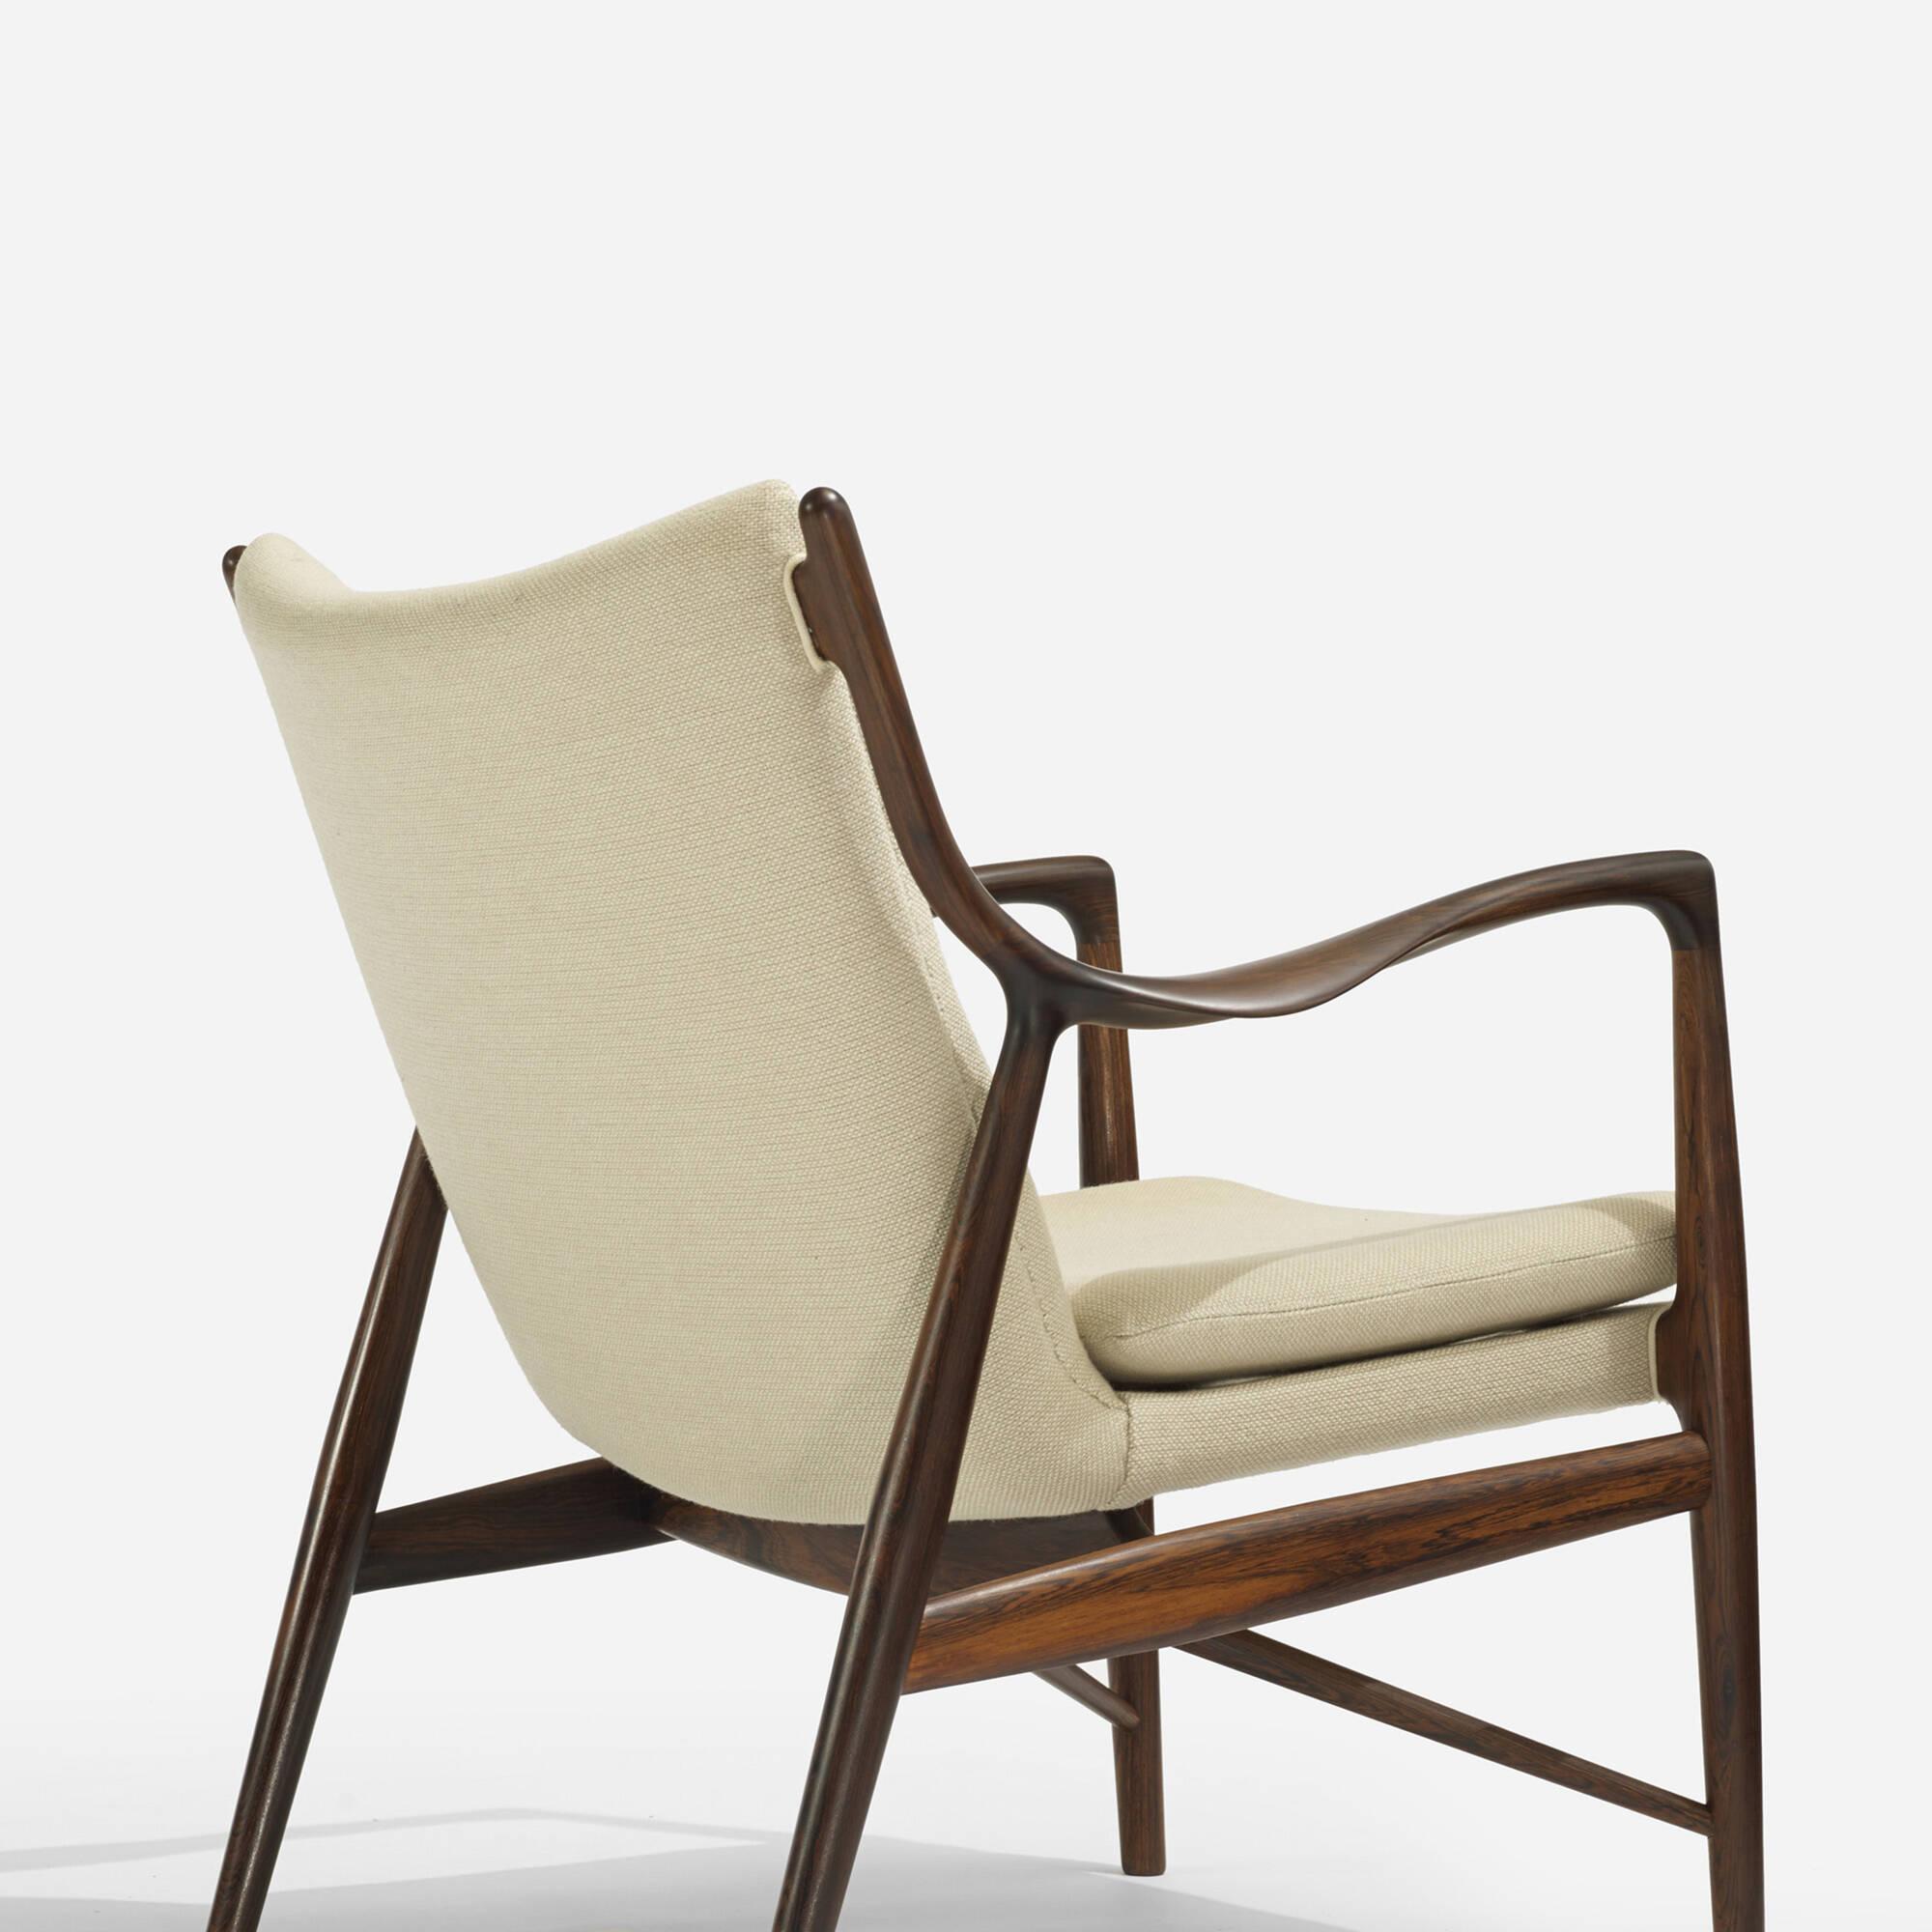 310 Finn Juhl Lounge Chair Model Nv 45